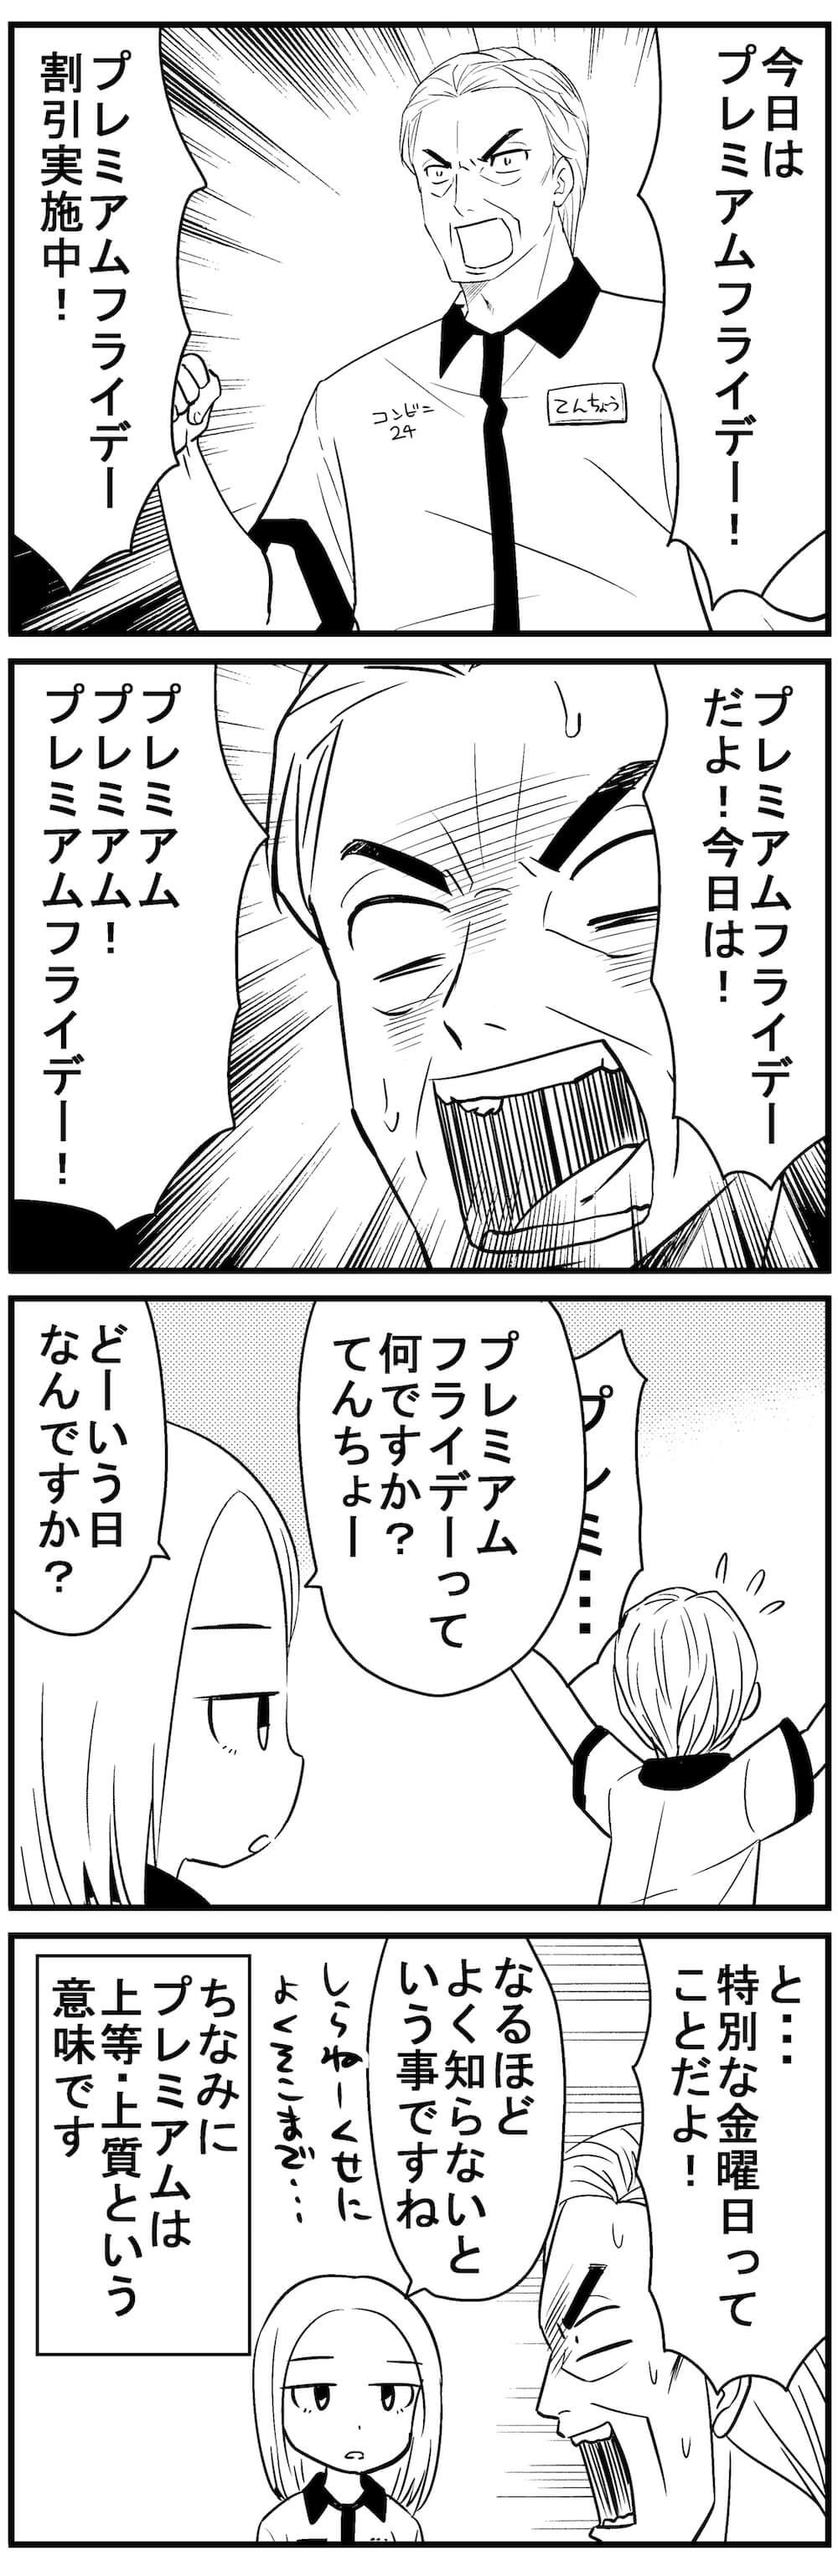 今日のてんちょー9,29